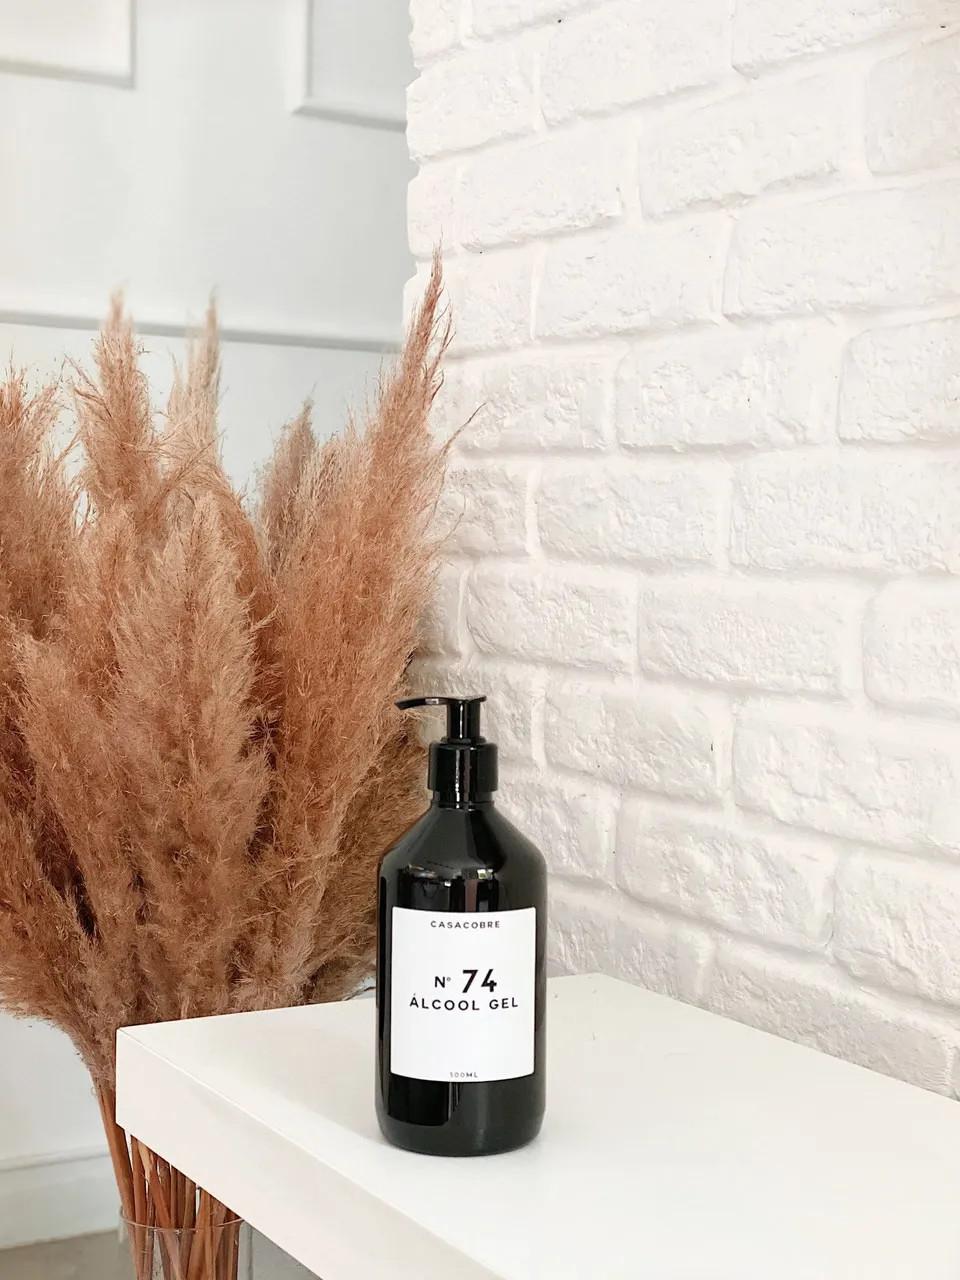 Frasco Black Álcool Gel - 500ml  - CASACOBRE